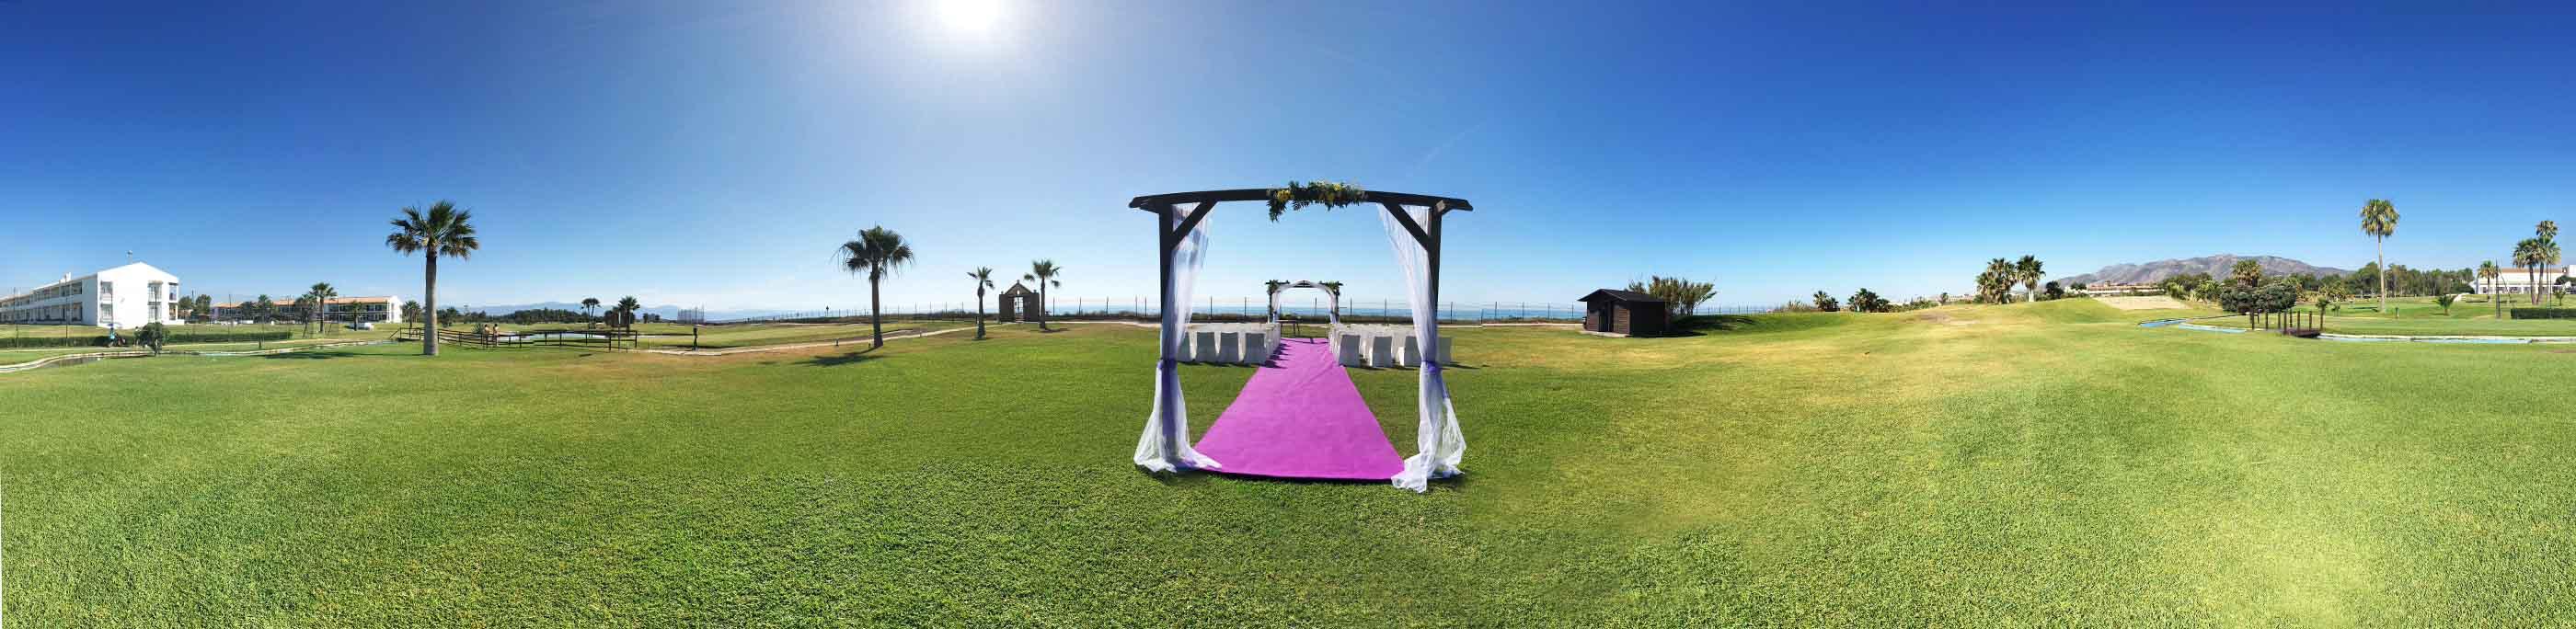 parador golf malaga weddings